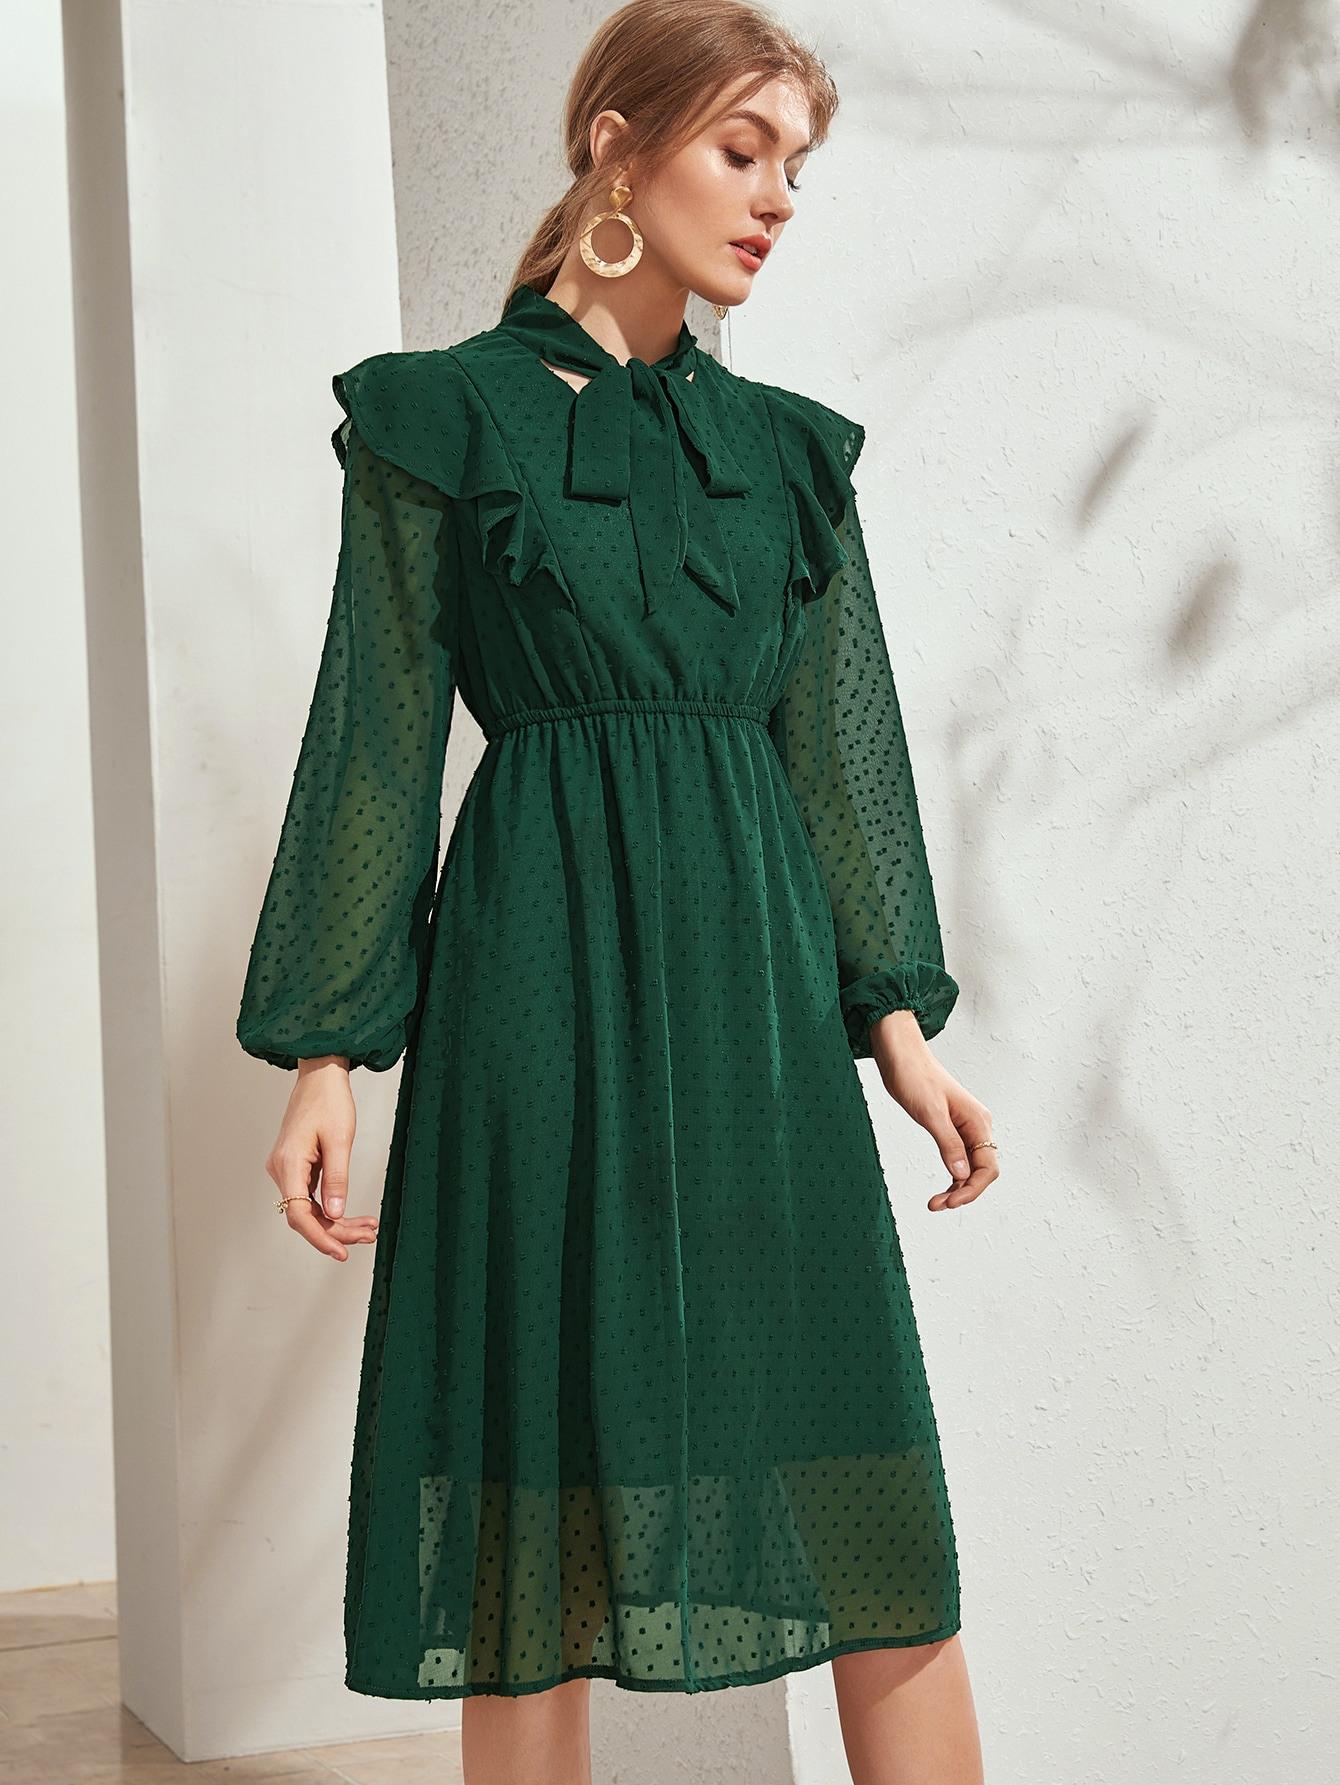 Grün Rüschen Einfarbig Elegant Kleider  Shein